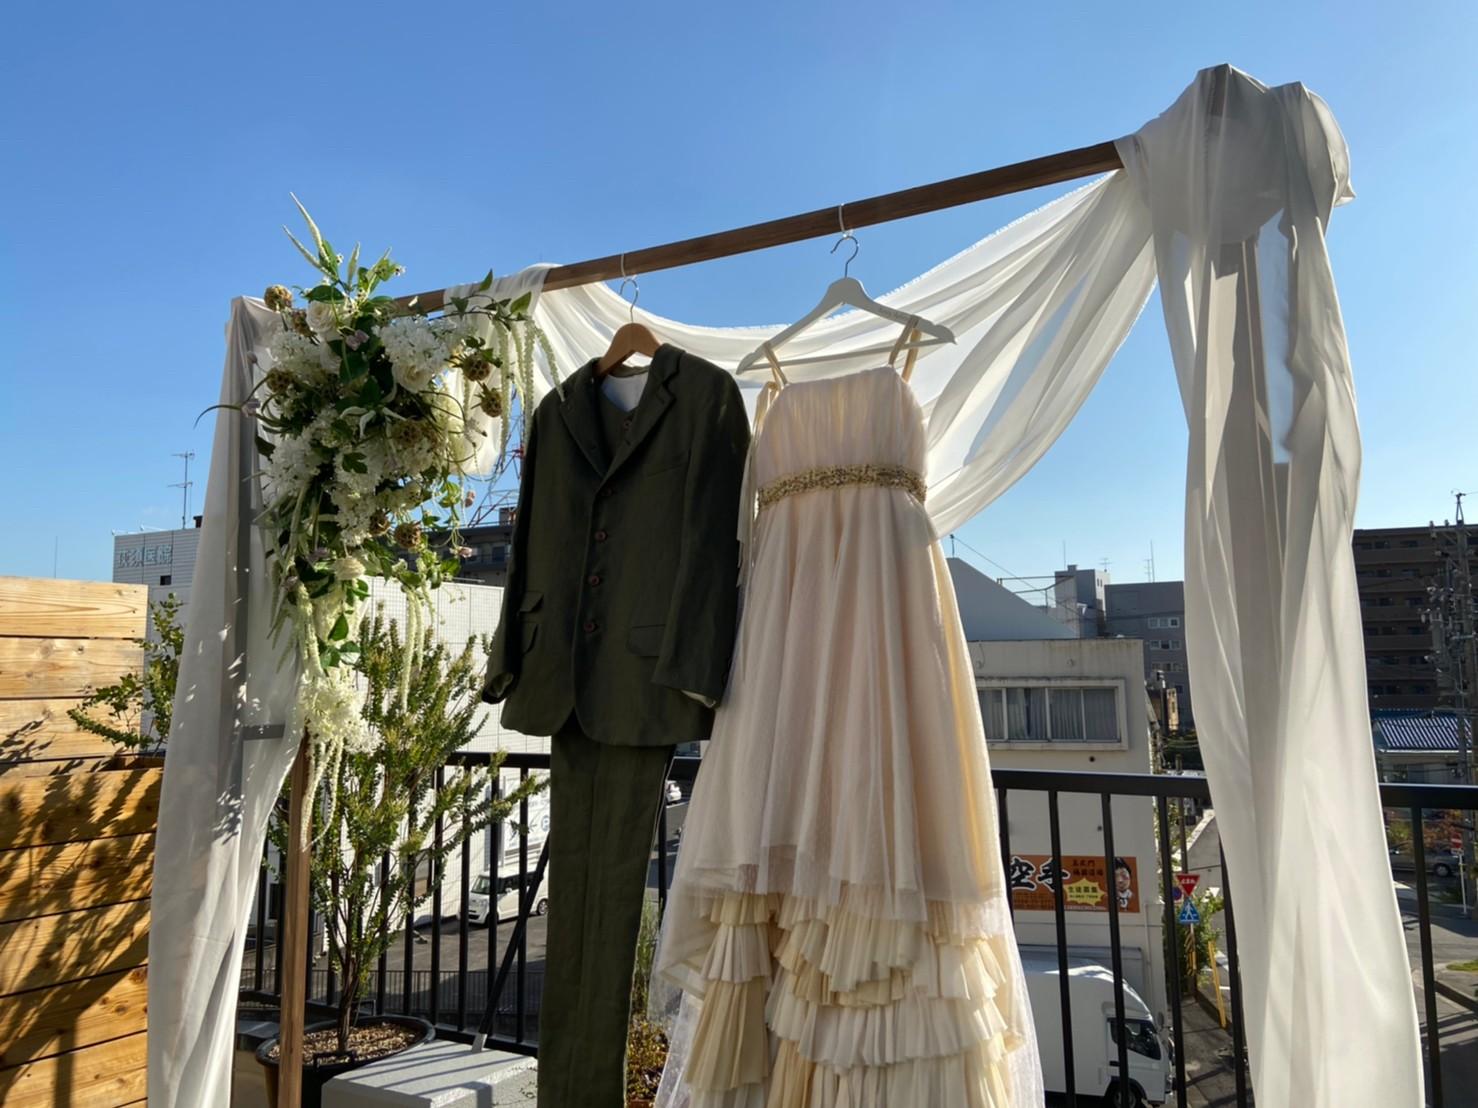 ふるさとを感じながらの家族挙式-結婚式を日常の風景に-